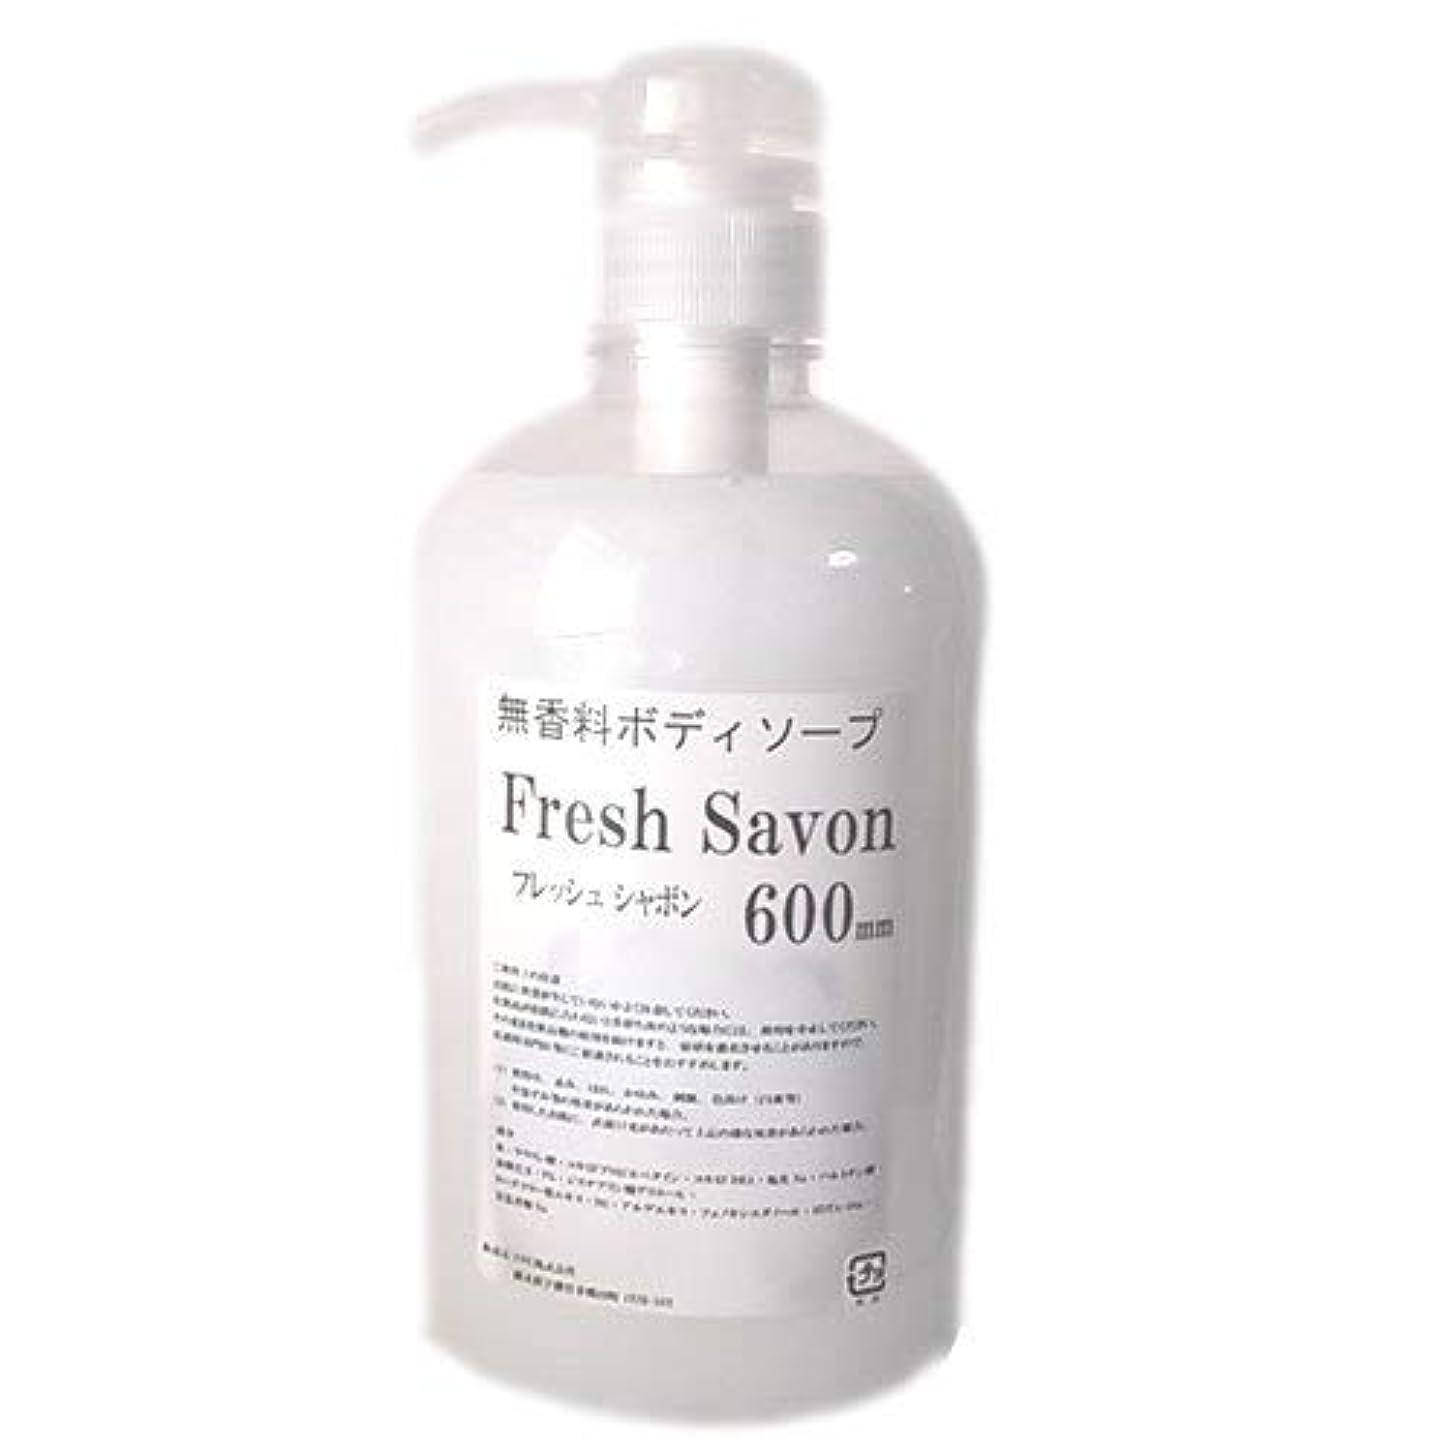 ブラウン艶出演者無香料ボディソープ フレッシュシャボン 600mL 香りが残らないタイプ (3本セット)